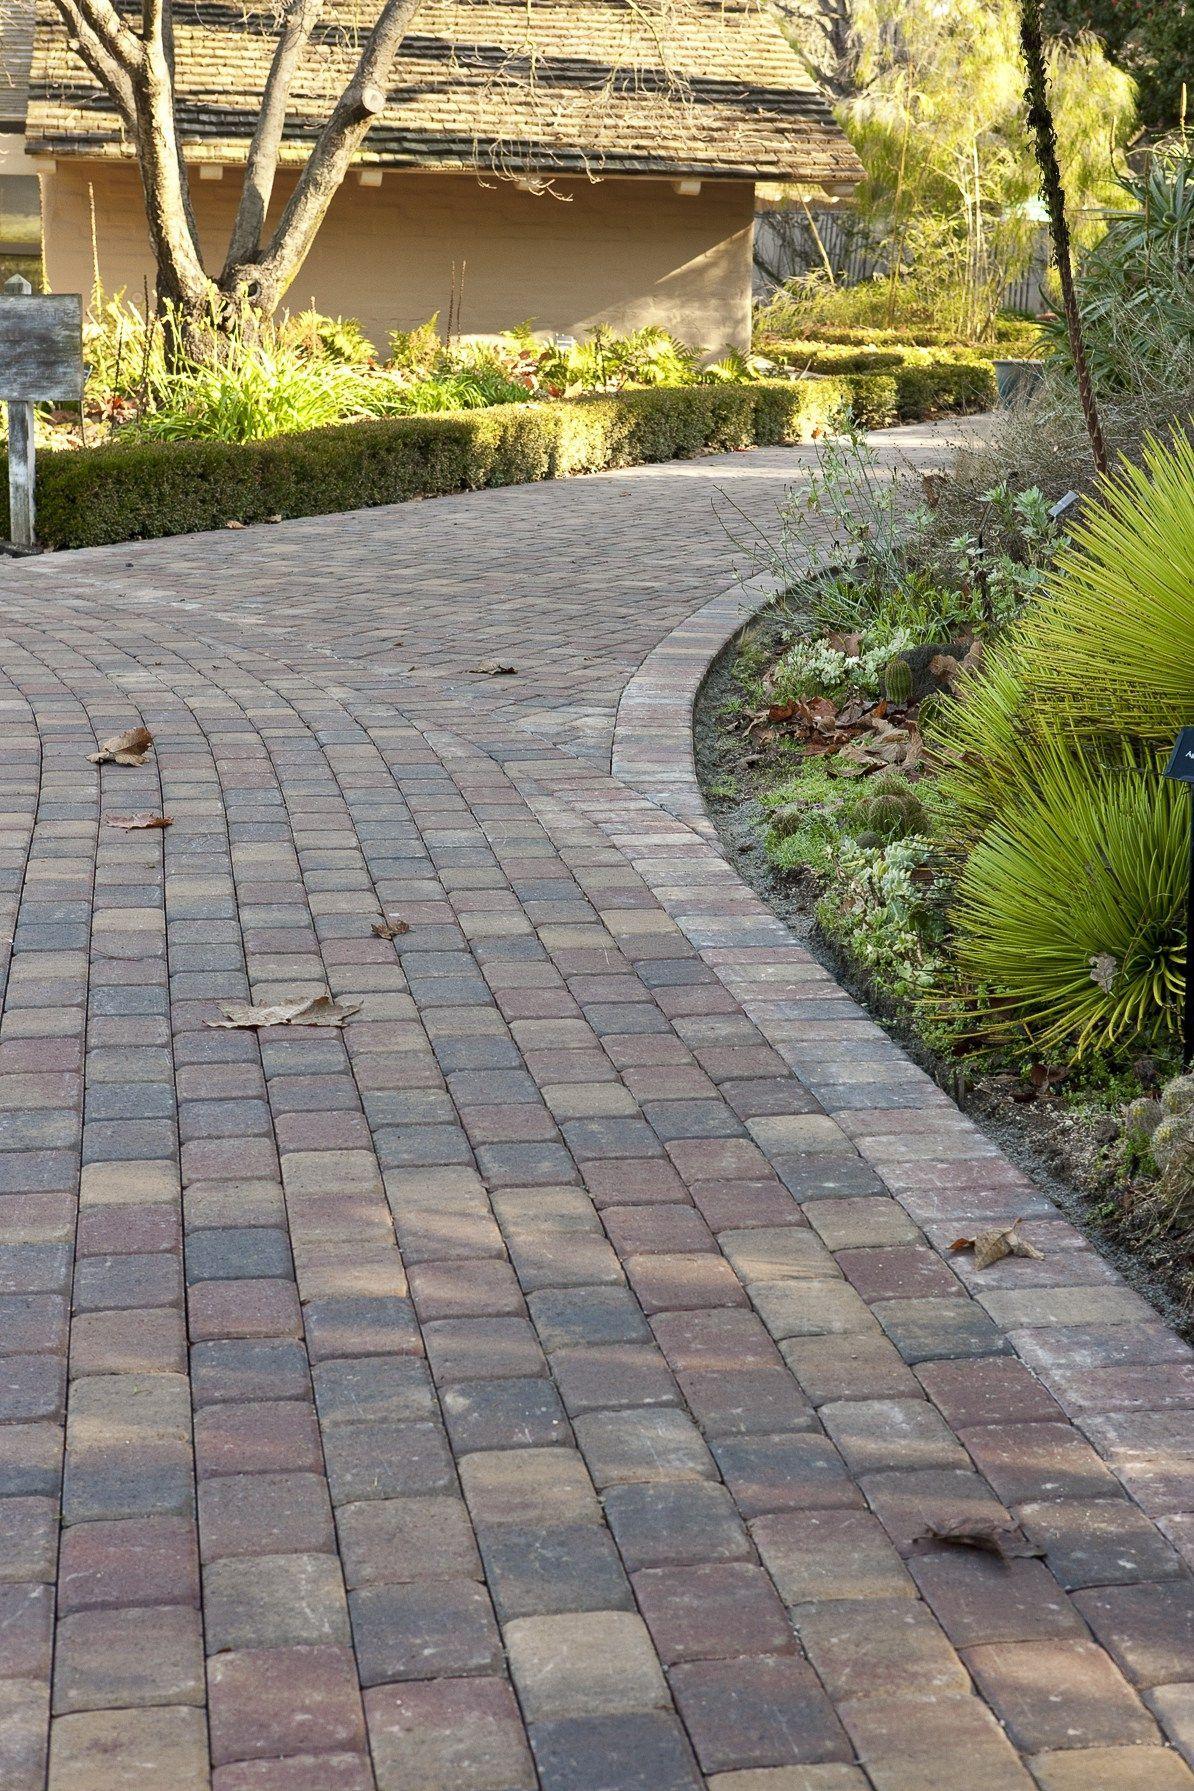 Permeable Pavers Outdoor Living By Belgard Hardscapepavers Garten Einfahrt Ideen